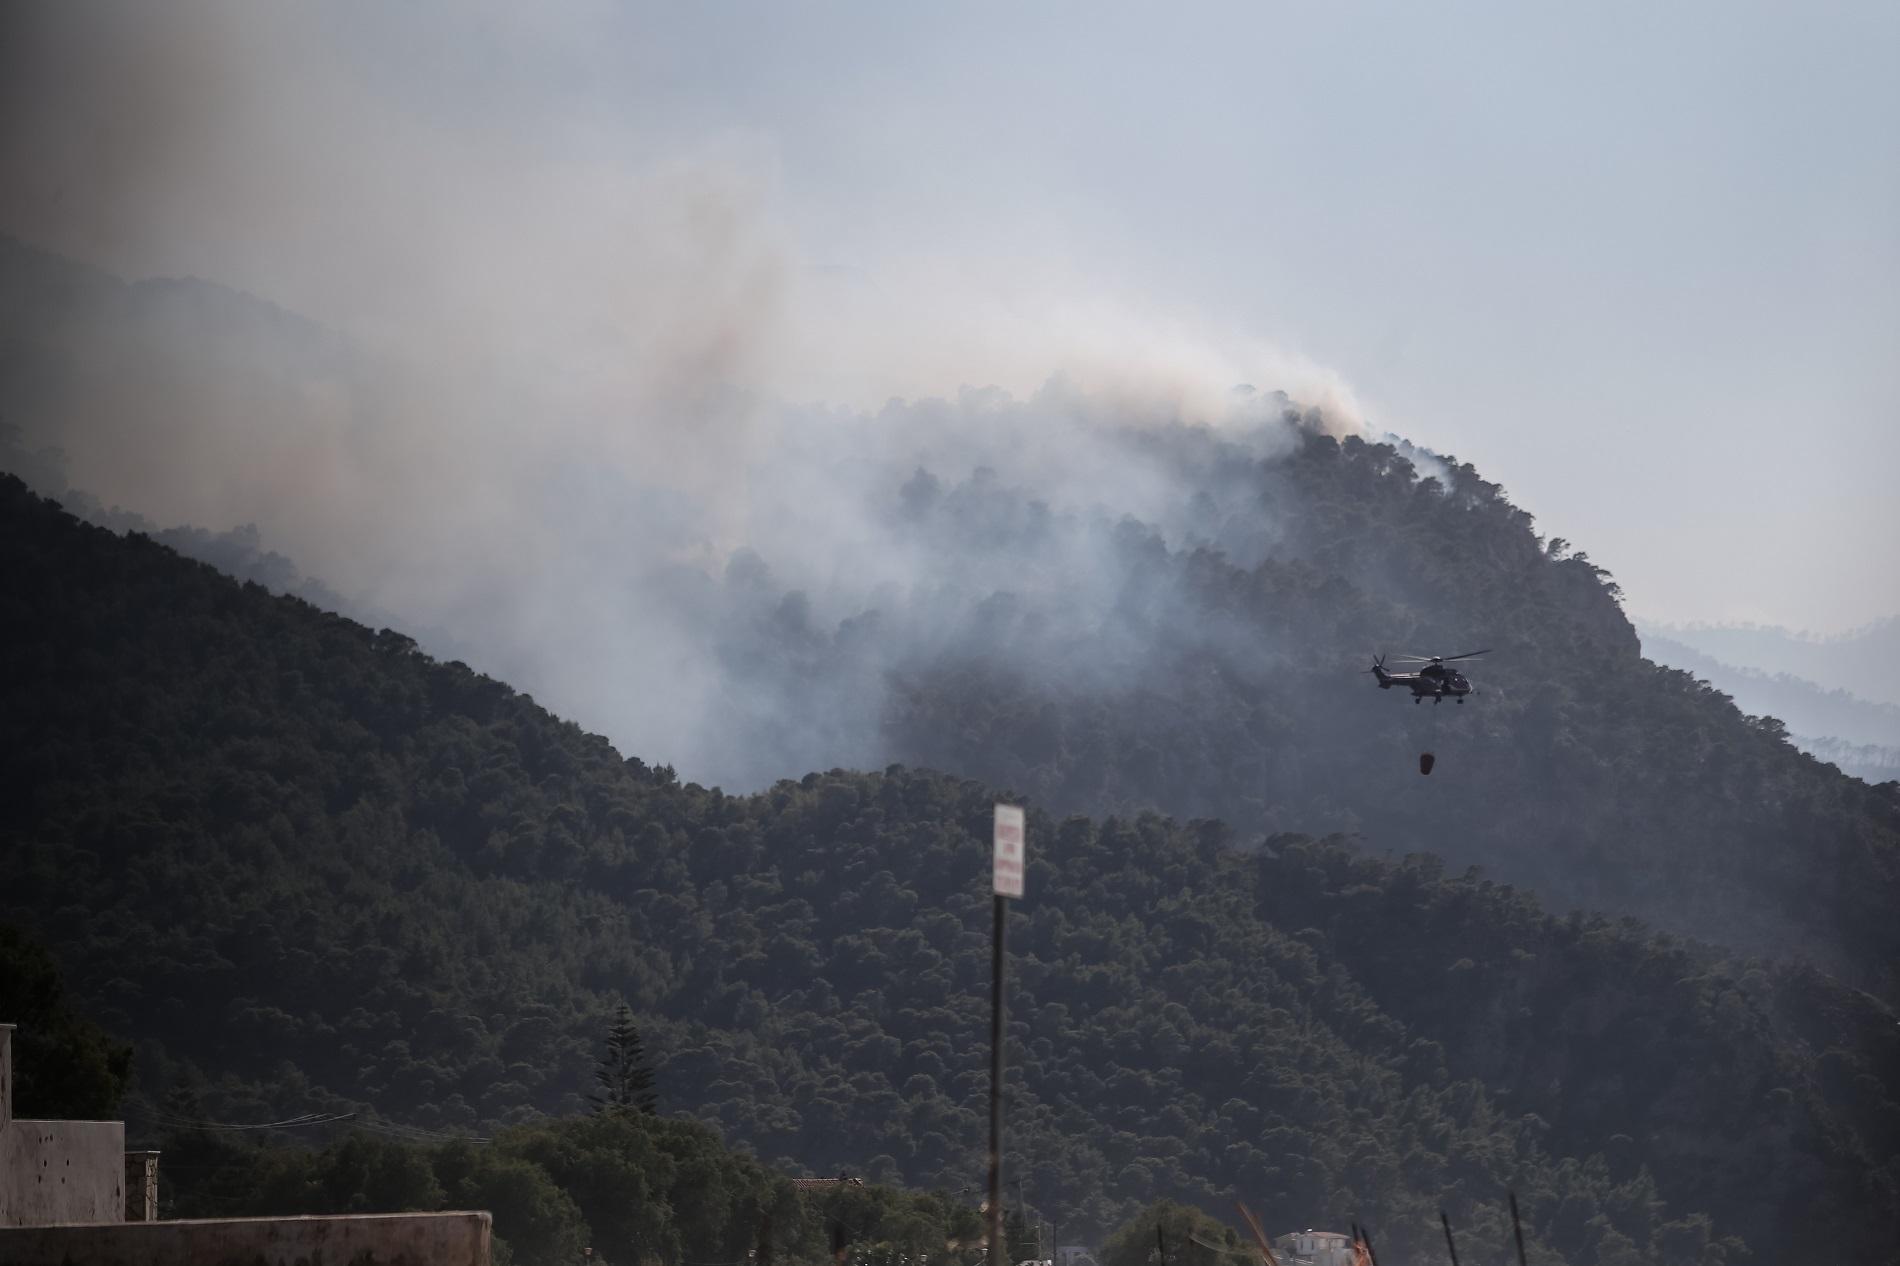 Πυρκαγιά στο Συκάμινο Ωρωπού – Συναγερμός στην Πυροσβεστική